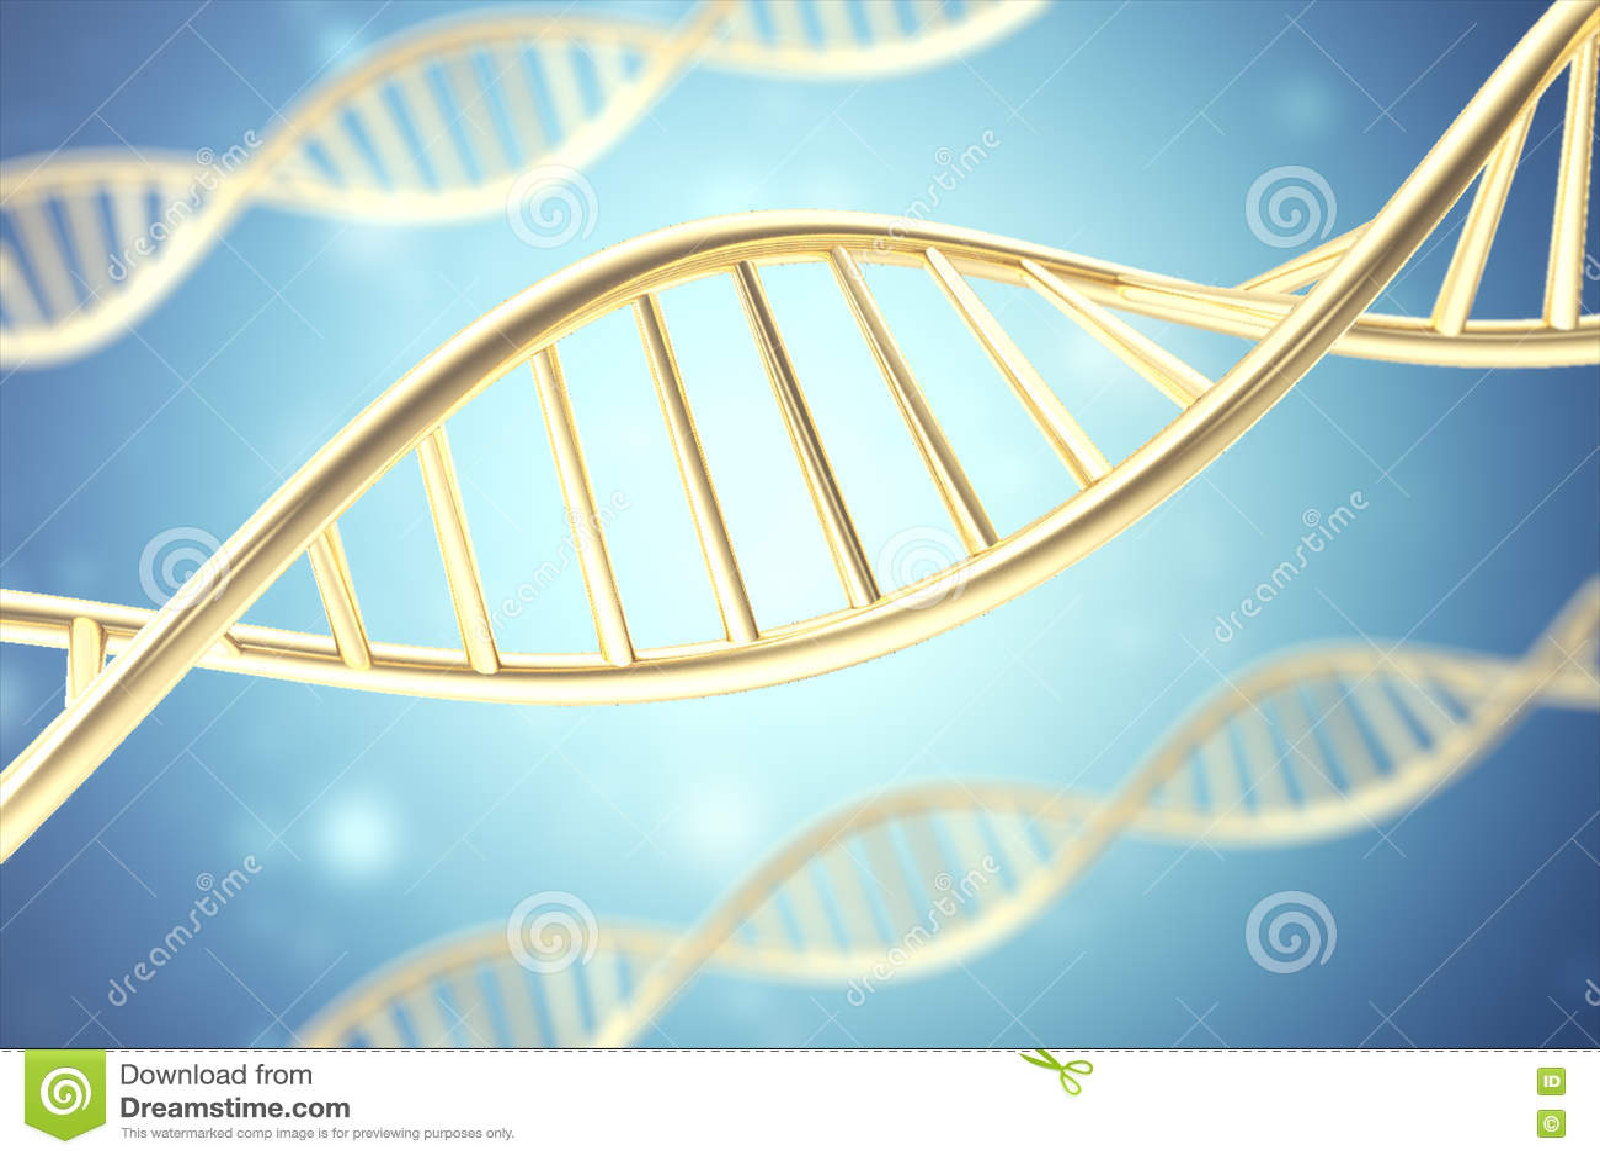 Syntetyczna, sztuczna DNA molekuła pojęcie sztuczna inteligencja świadczenia 3 d